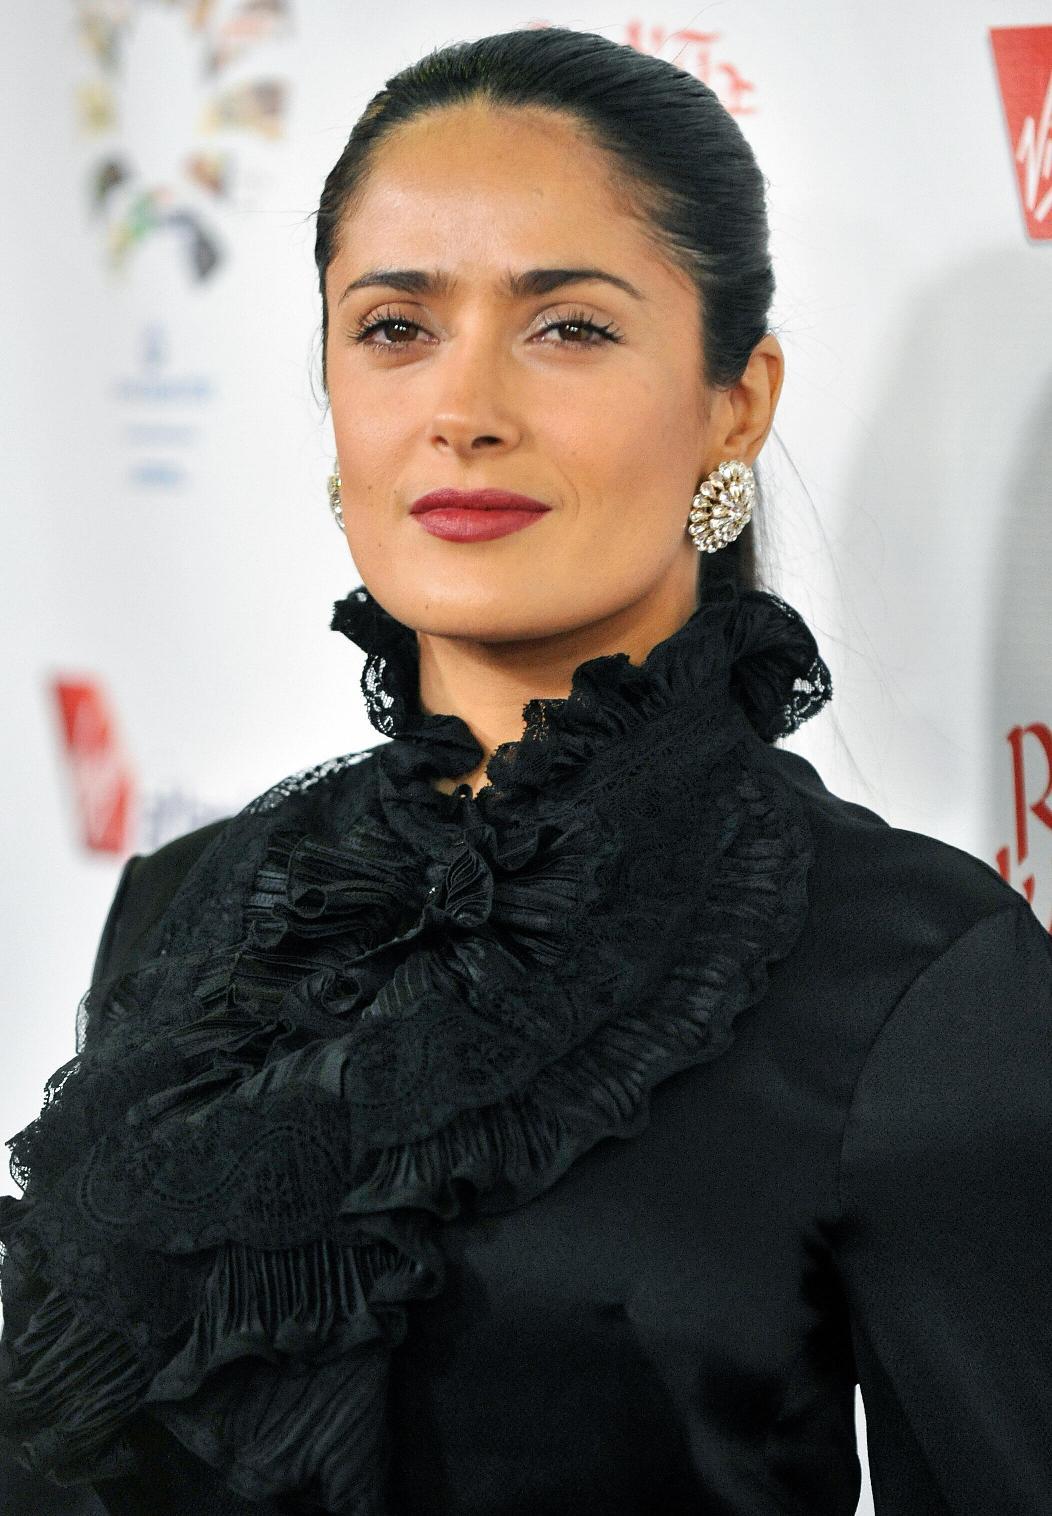 http://4.bp.blogspot.com/-S-oElcuwN7g/Tqf3zbQVgjI/AAAAAAAAC6o/Ph5yGHkGg3Q/s1600/salma-hayek-big-breasts-4.jpg